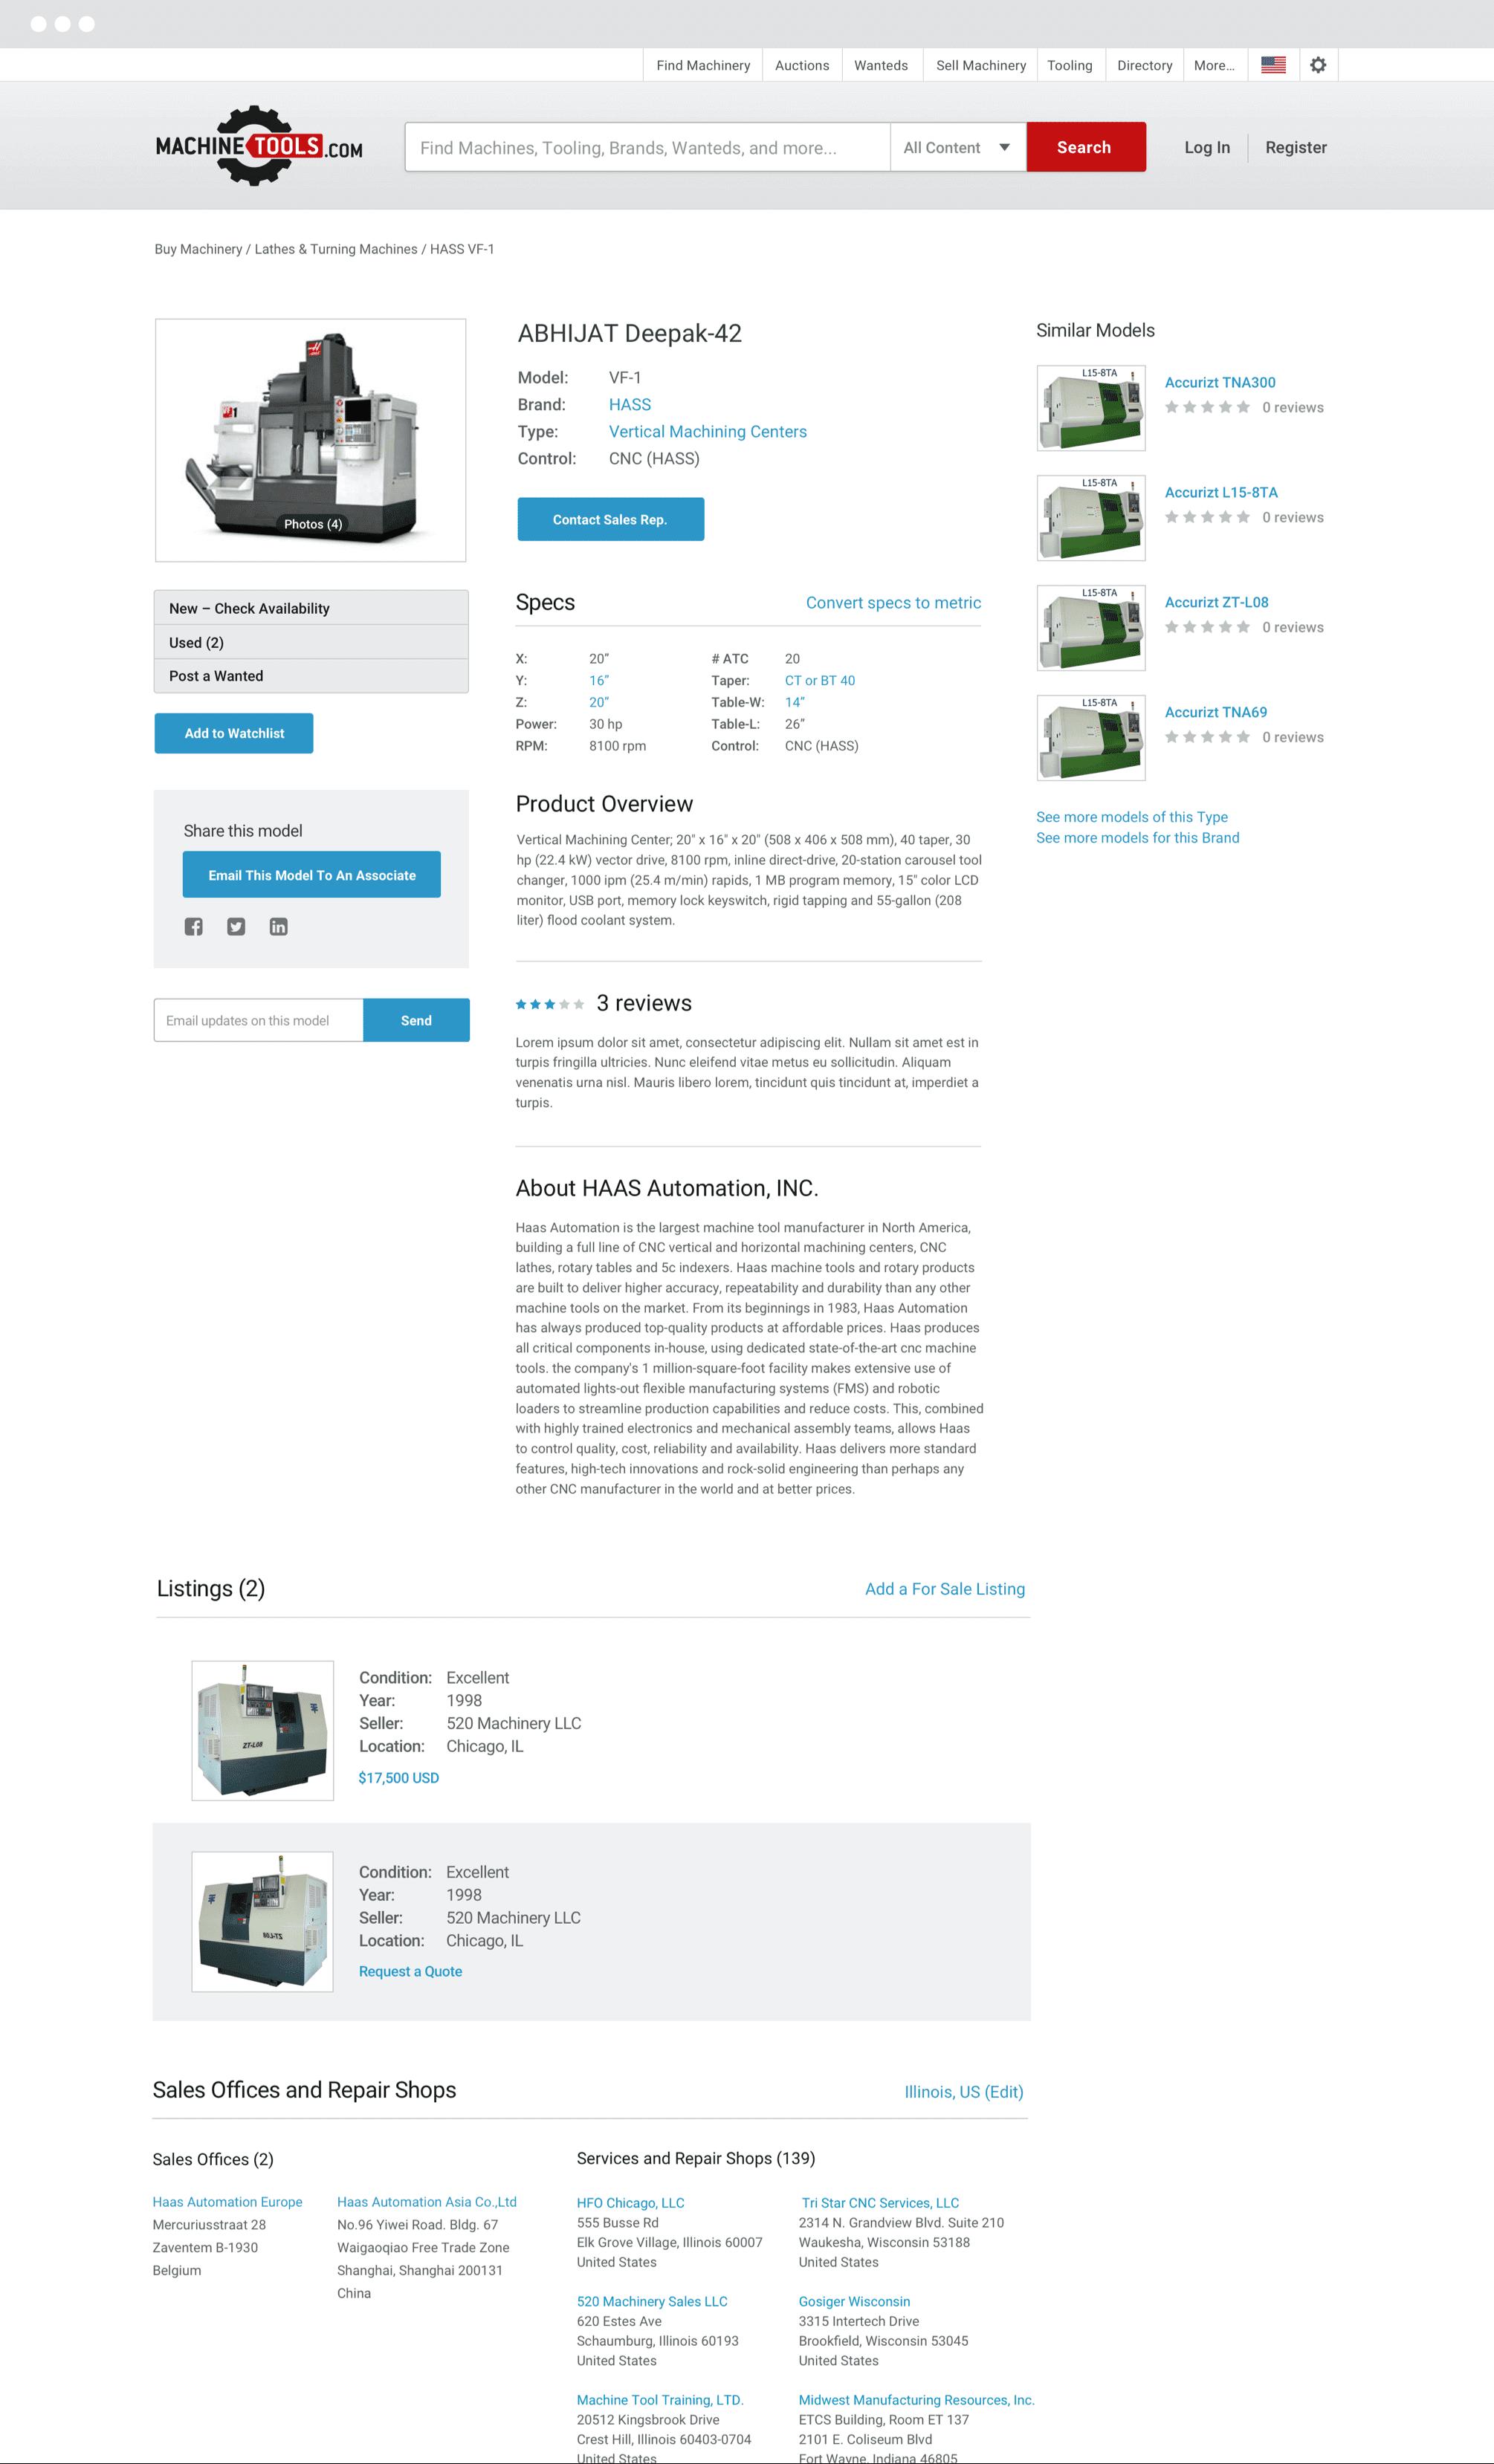 clean simple design